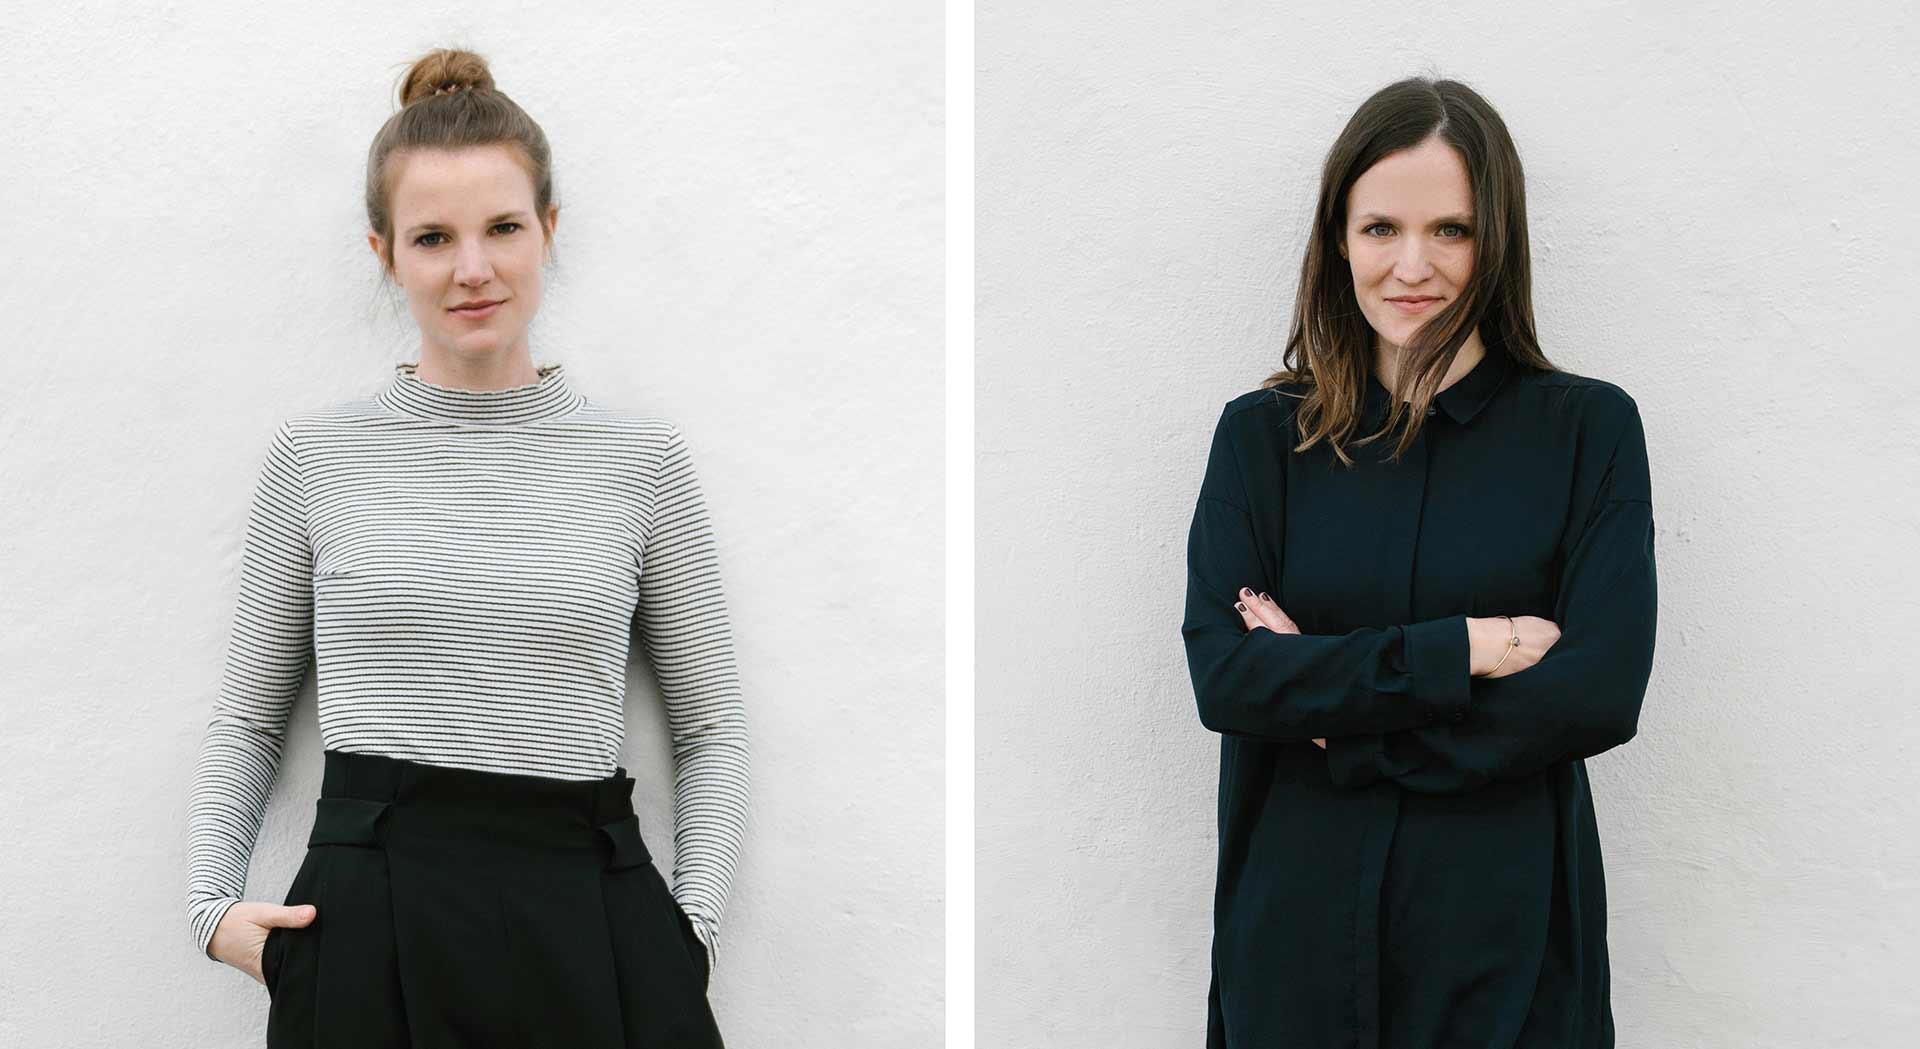 tide stories design agentur ingolstadt geschaeftsfuehrung berit homann monika lichtwald